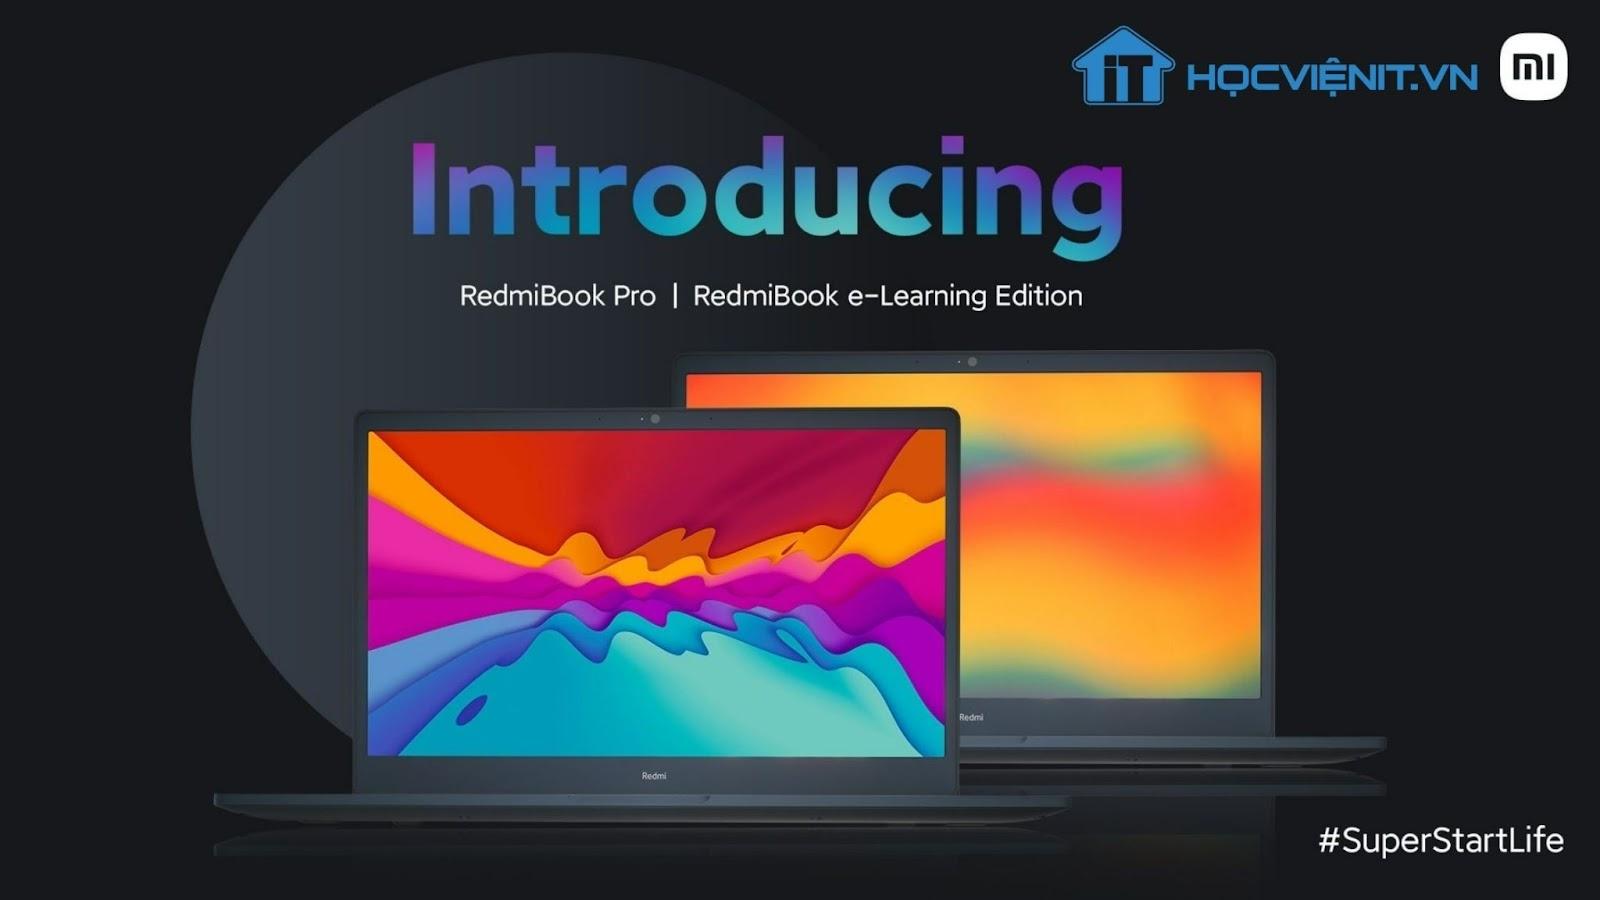 Redmi phát hành RedmiBook Pro và RedmiBook e-Learning Edition tại Ấn Độ